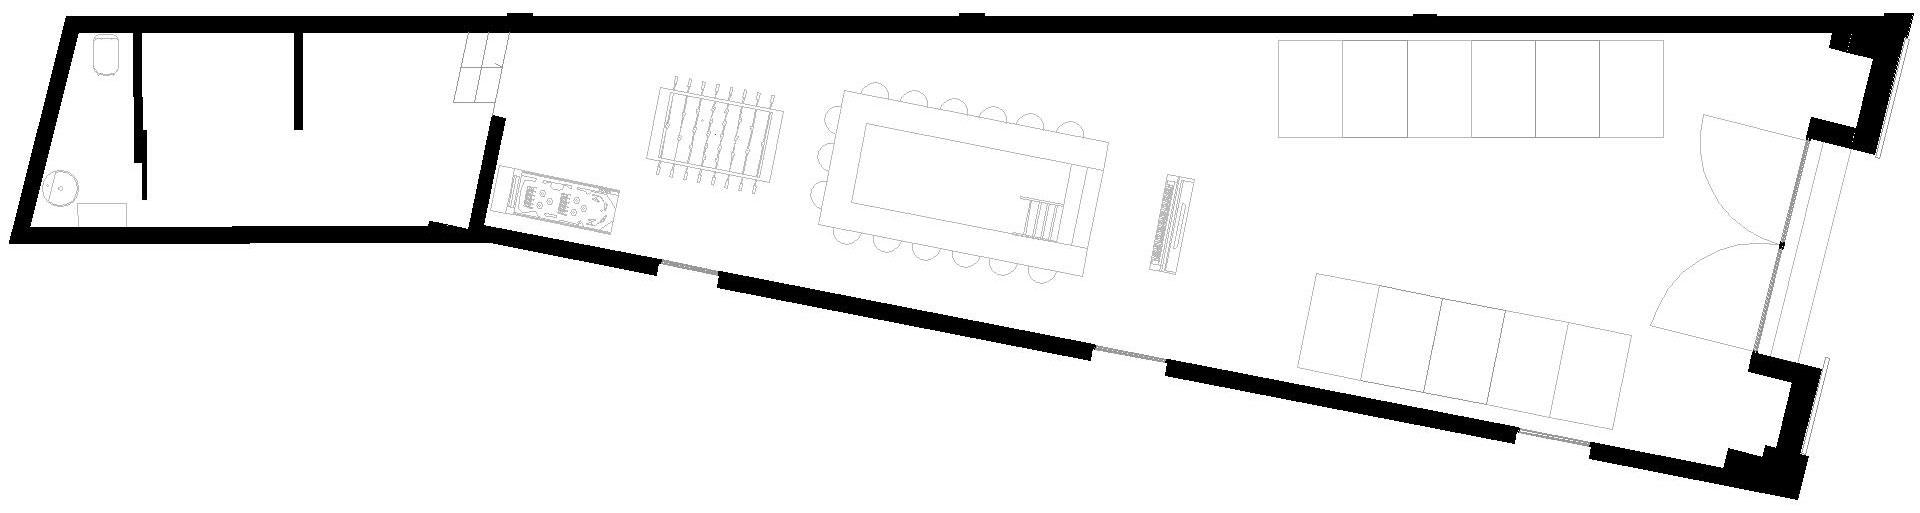 spazio_P (patatas Nana). pianta piano terra con lo sviluppo dell'intervento e concept del riuso.